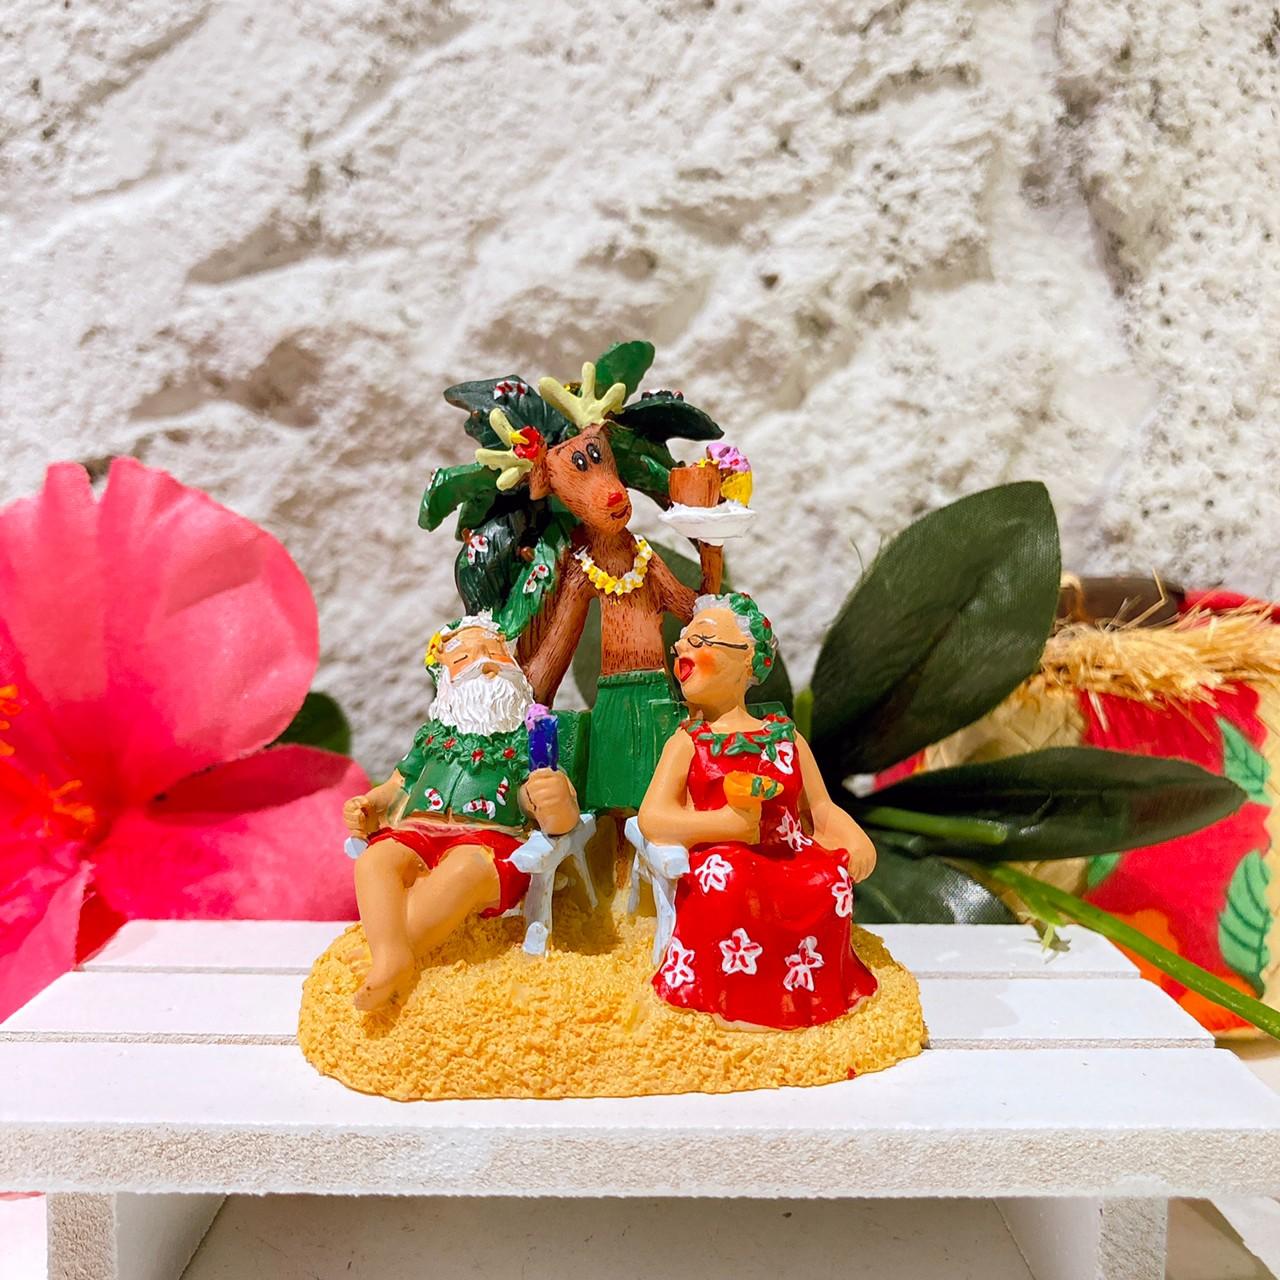 ハワイアンクリスマスオーナメント//サンタさんカップル